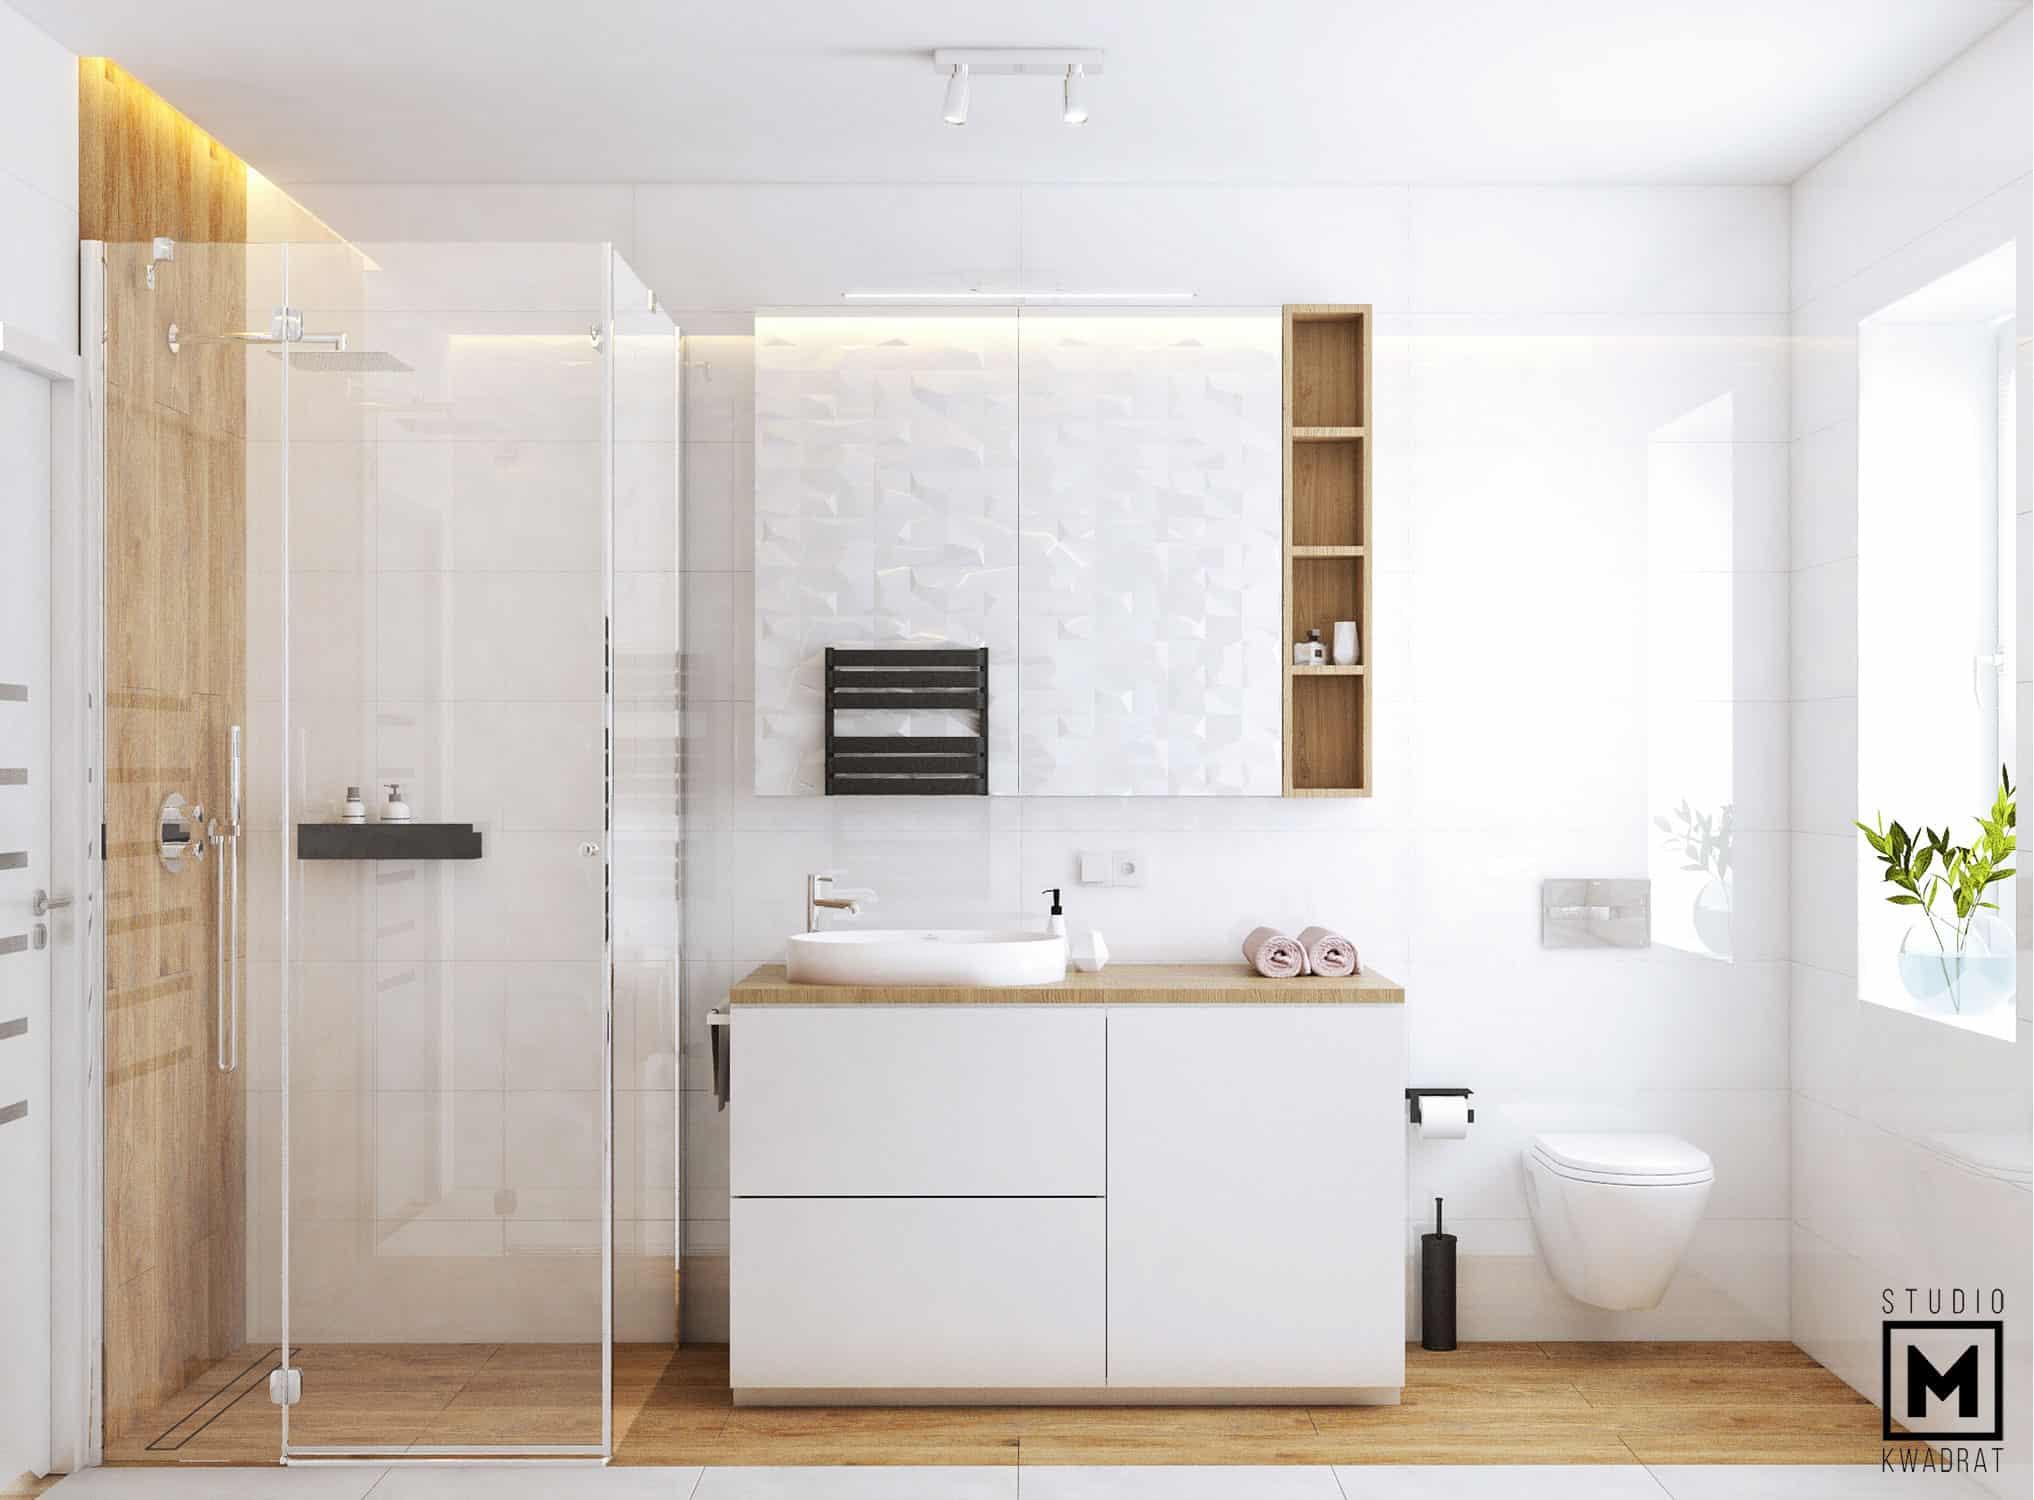 Płytki imitujące drewno w łazience, szklana kabina prysznicowa, listwa LED nad prysznicem, zabudowa projektowana na wymiar.